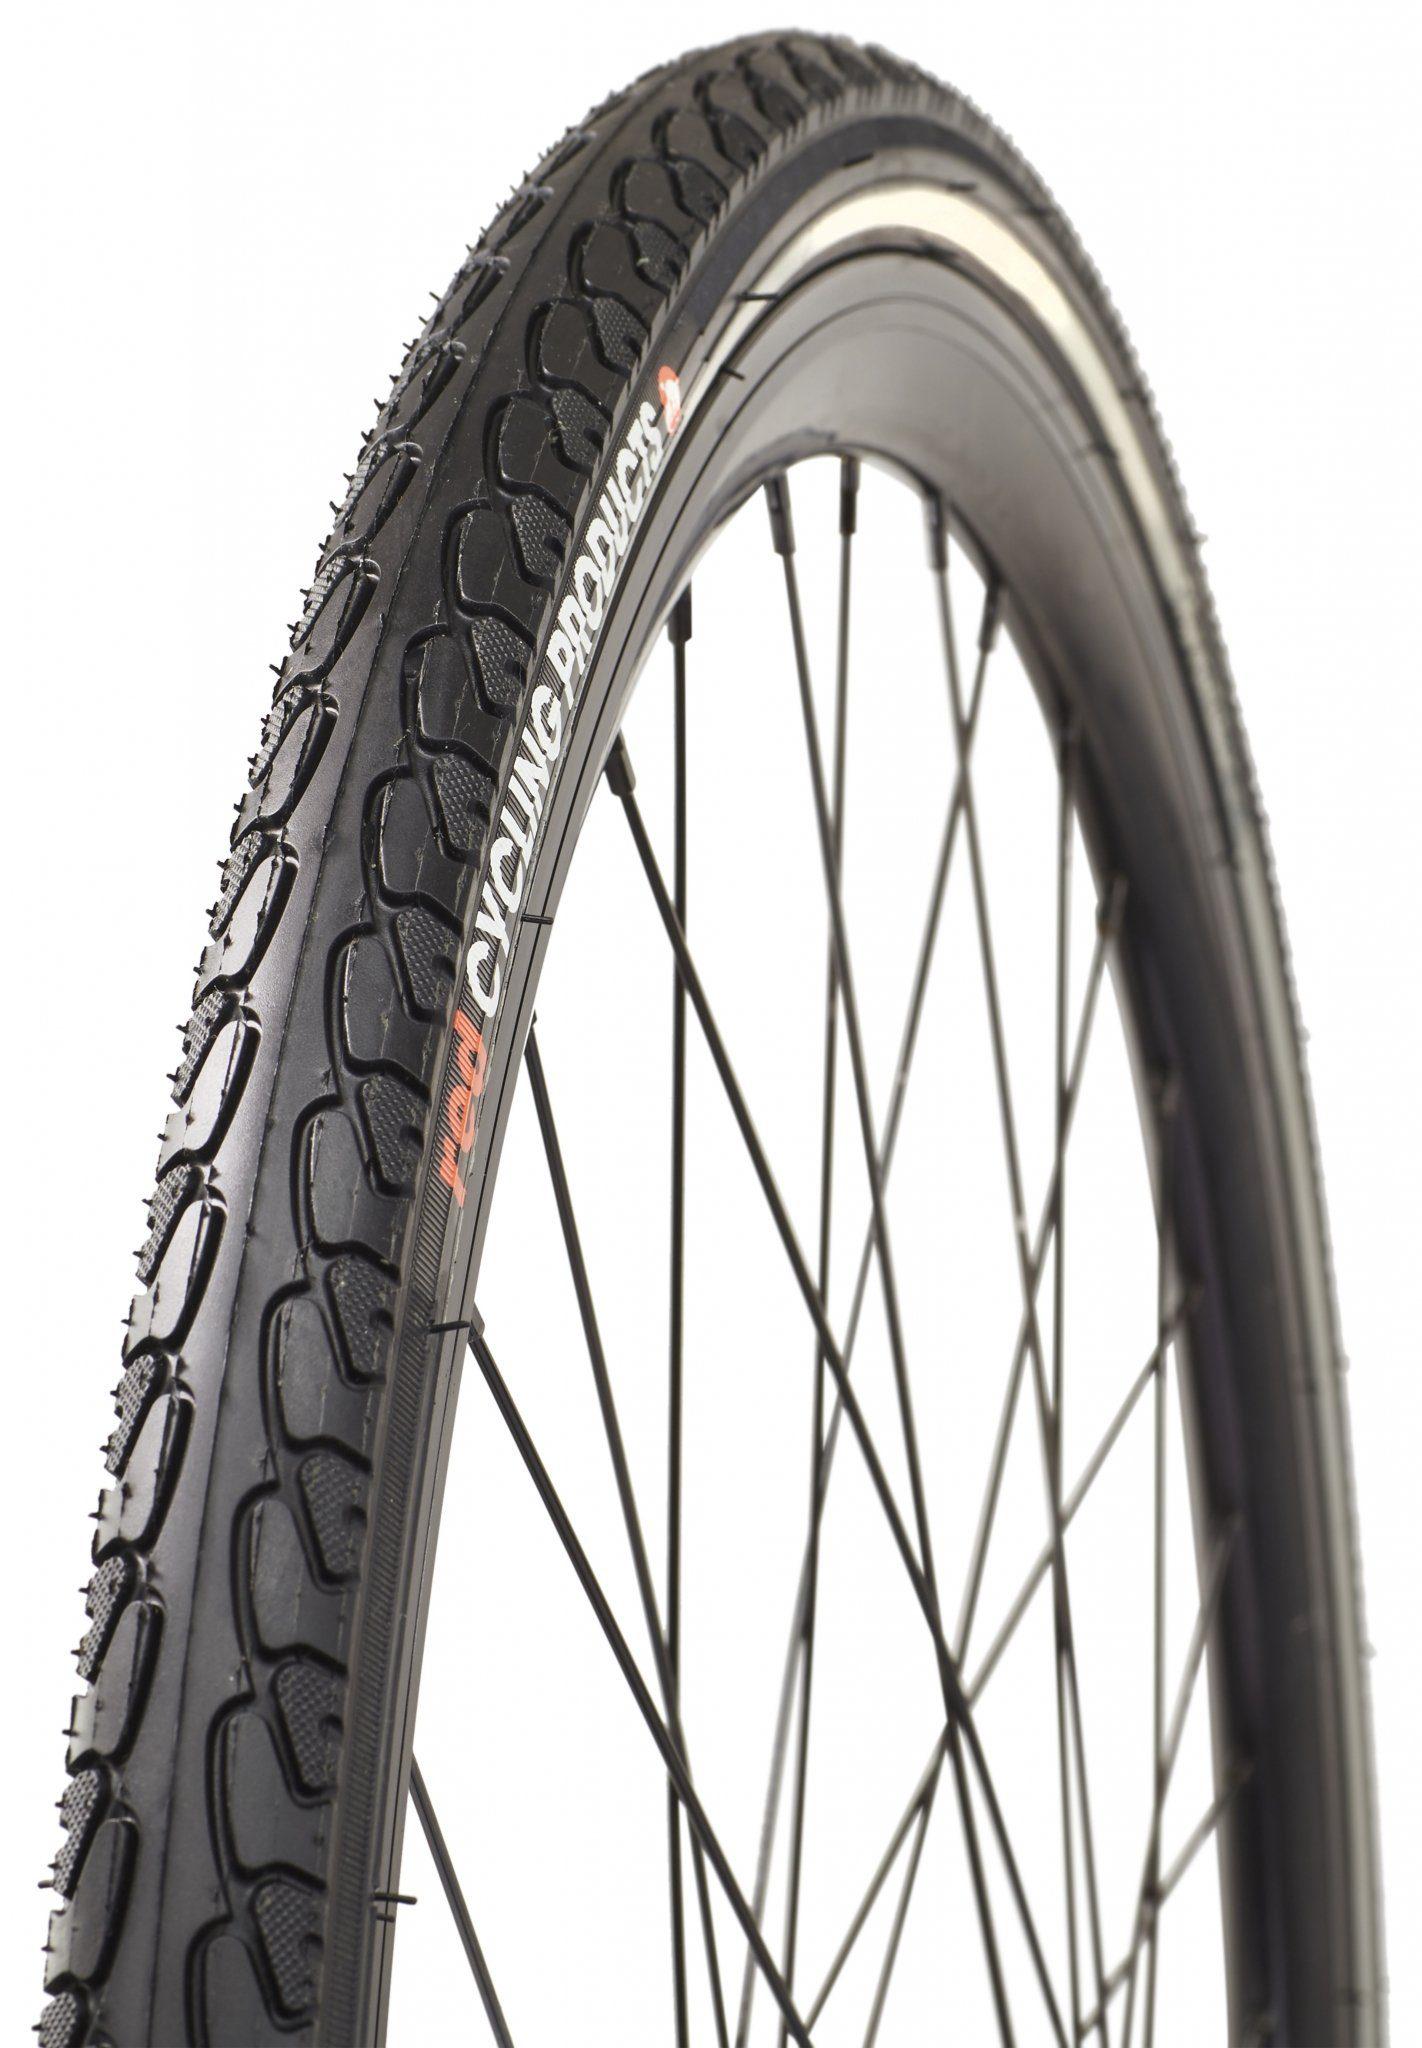 Red Cycling Products Fahrradreifen »700 x 35c / 37-622 Reifen Reflex Pannenschutz«